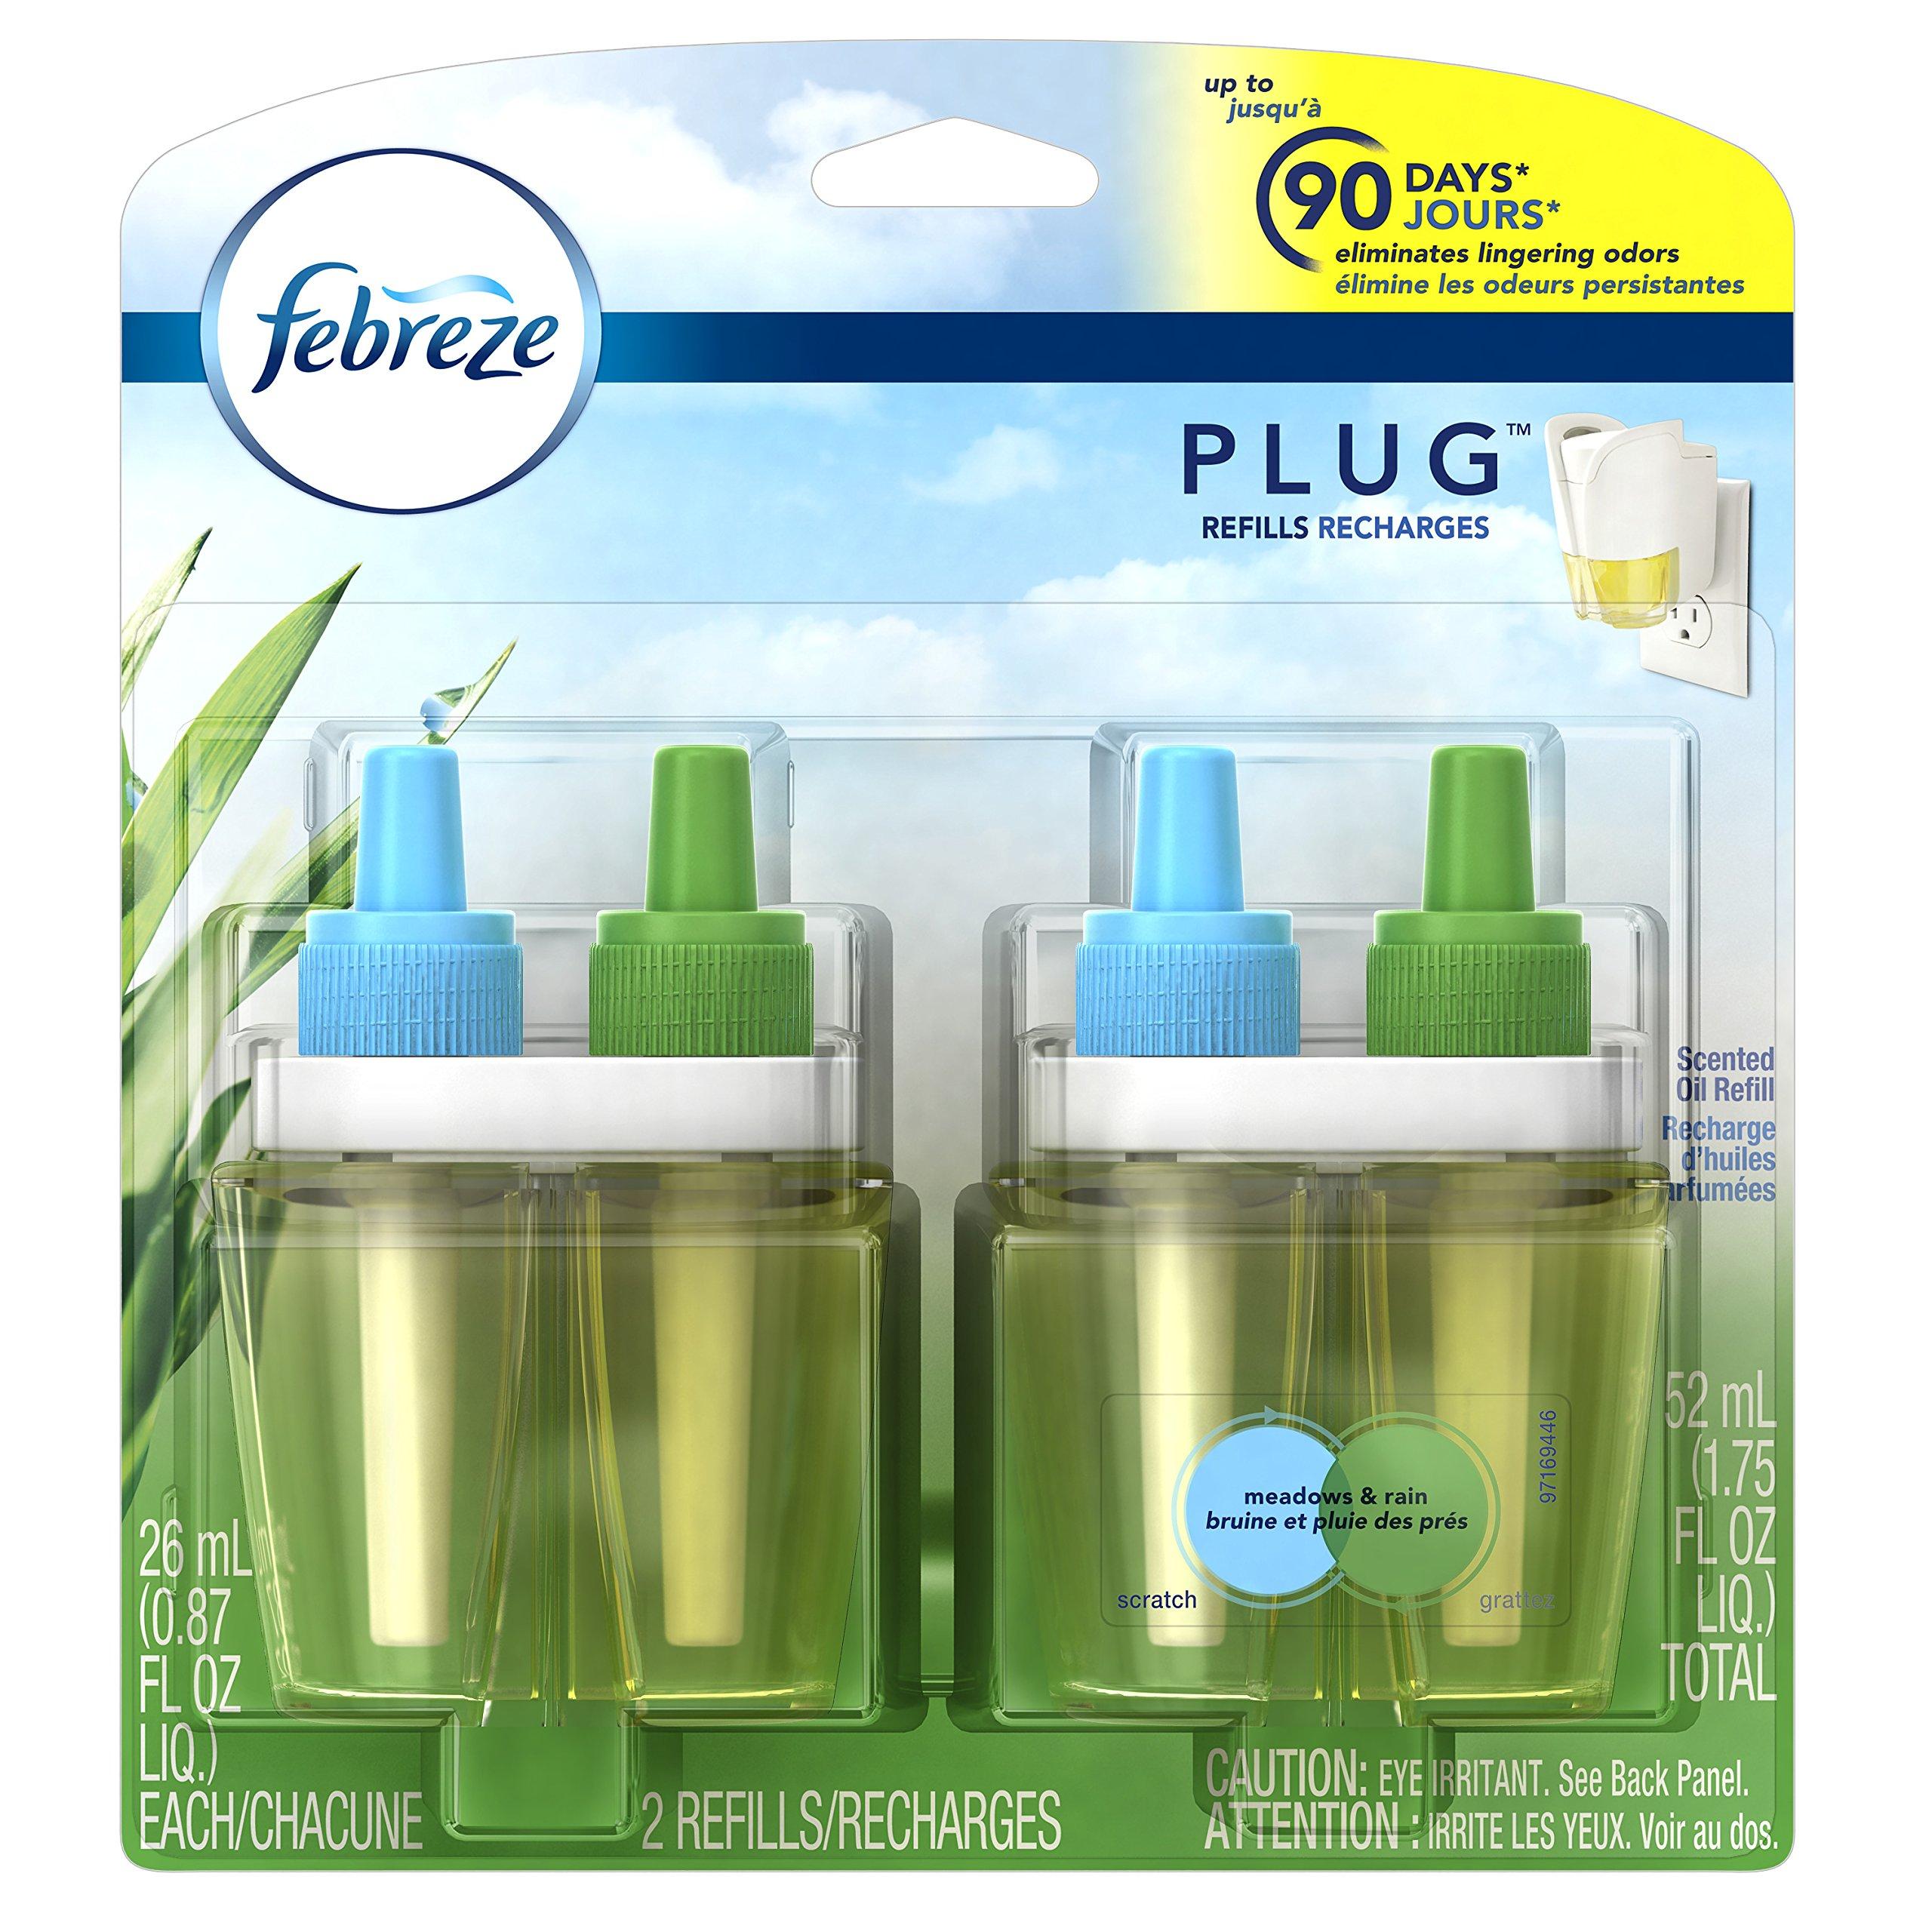 Amazon.com: Febreze PLUG Air Freshener Refills Linen & Sky ...